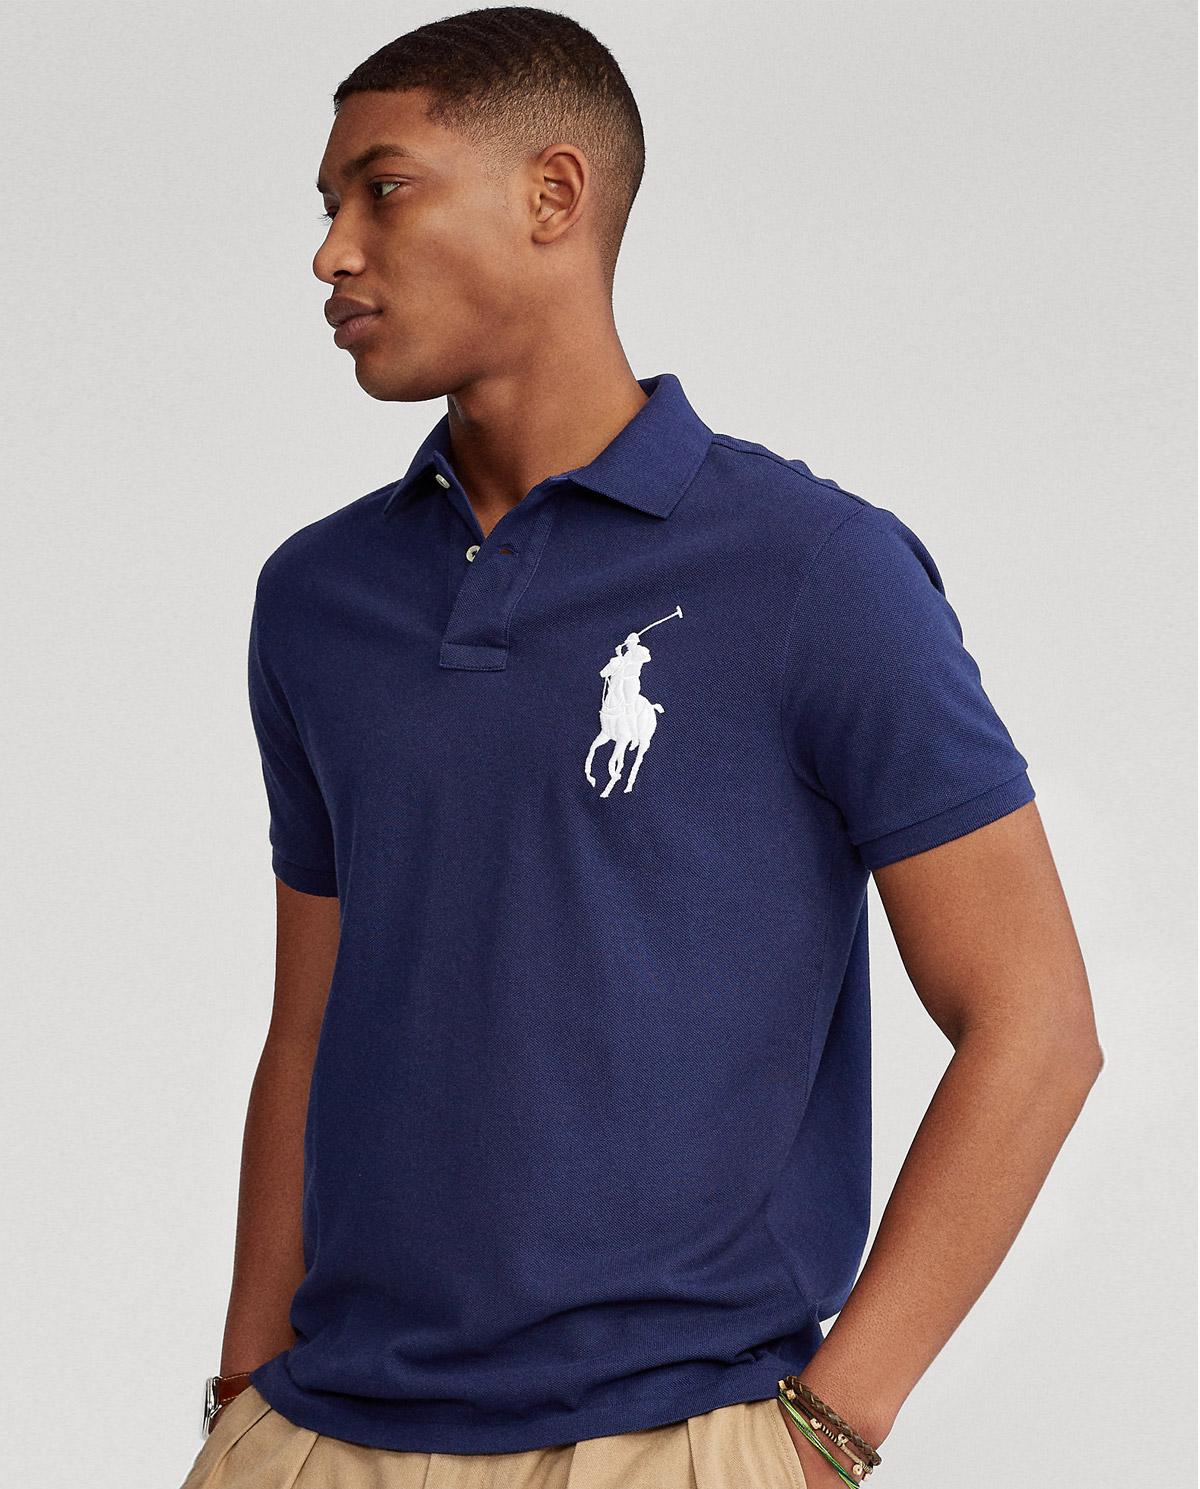 Męska koszulka polo z haftowanym logo Slim Fit 710794660003